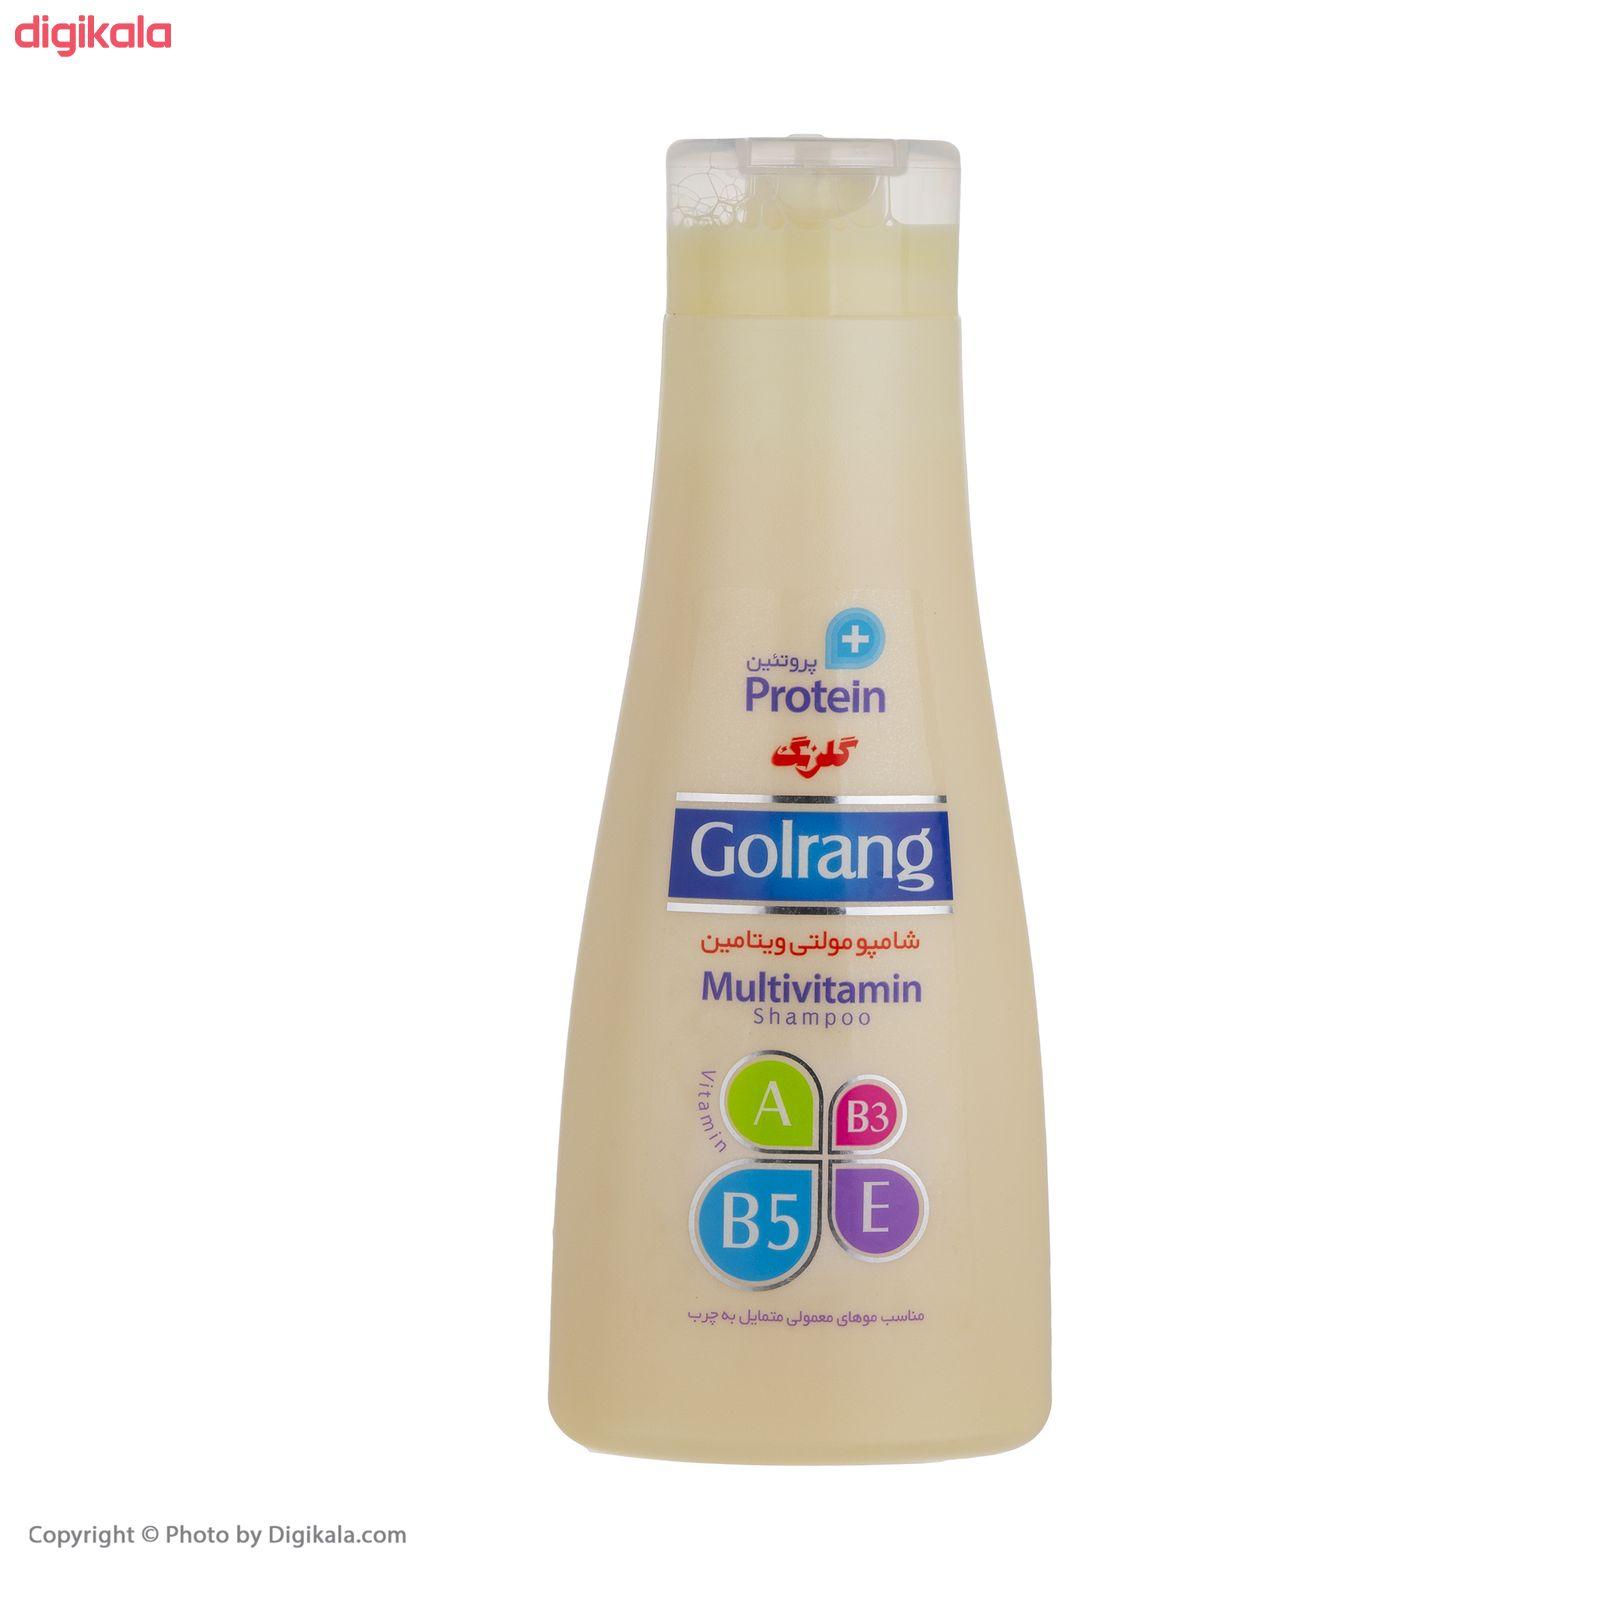 شامپو موی گلرنگ سری Plus Protein مدل Oily Hair مقدار 900 گرم